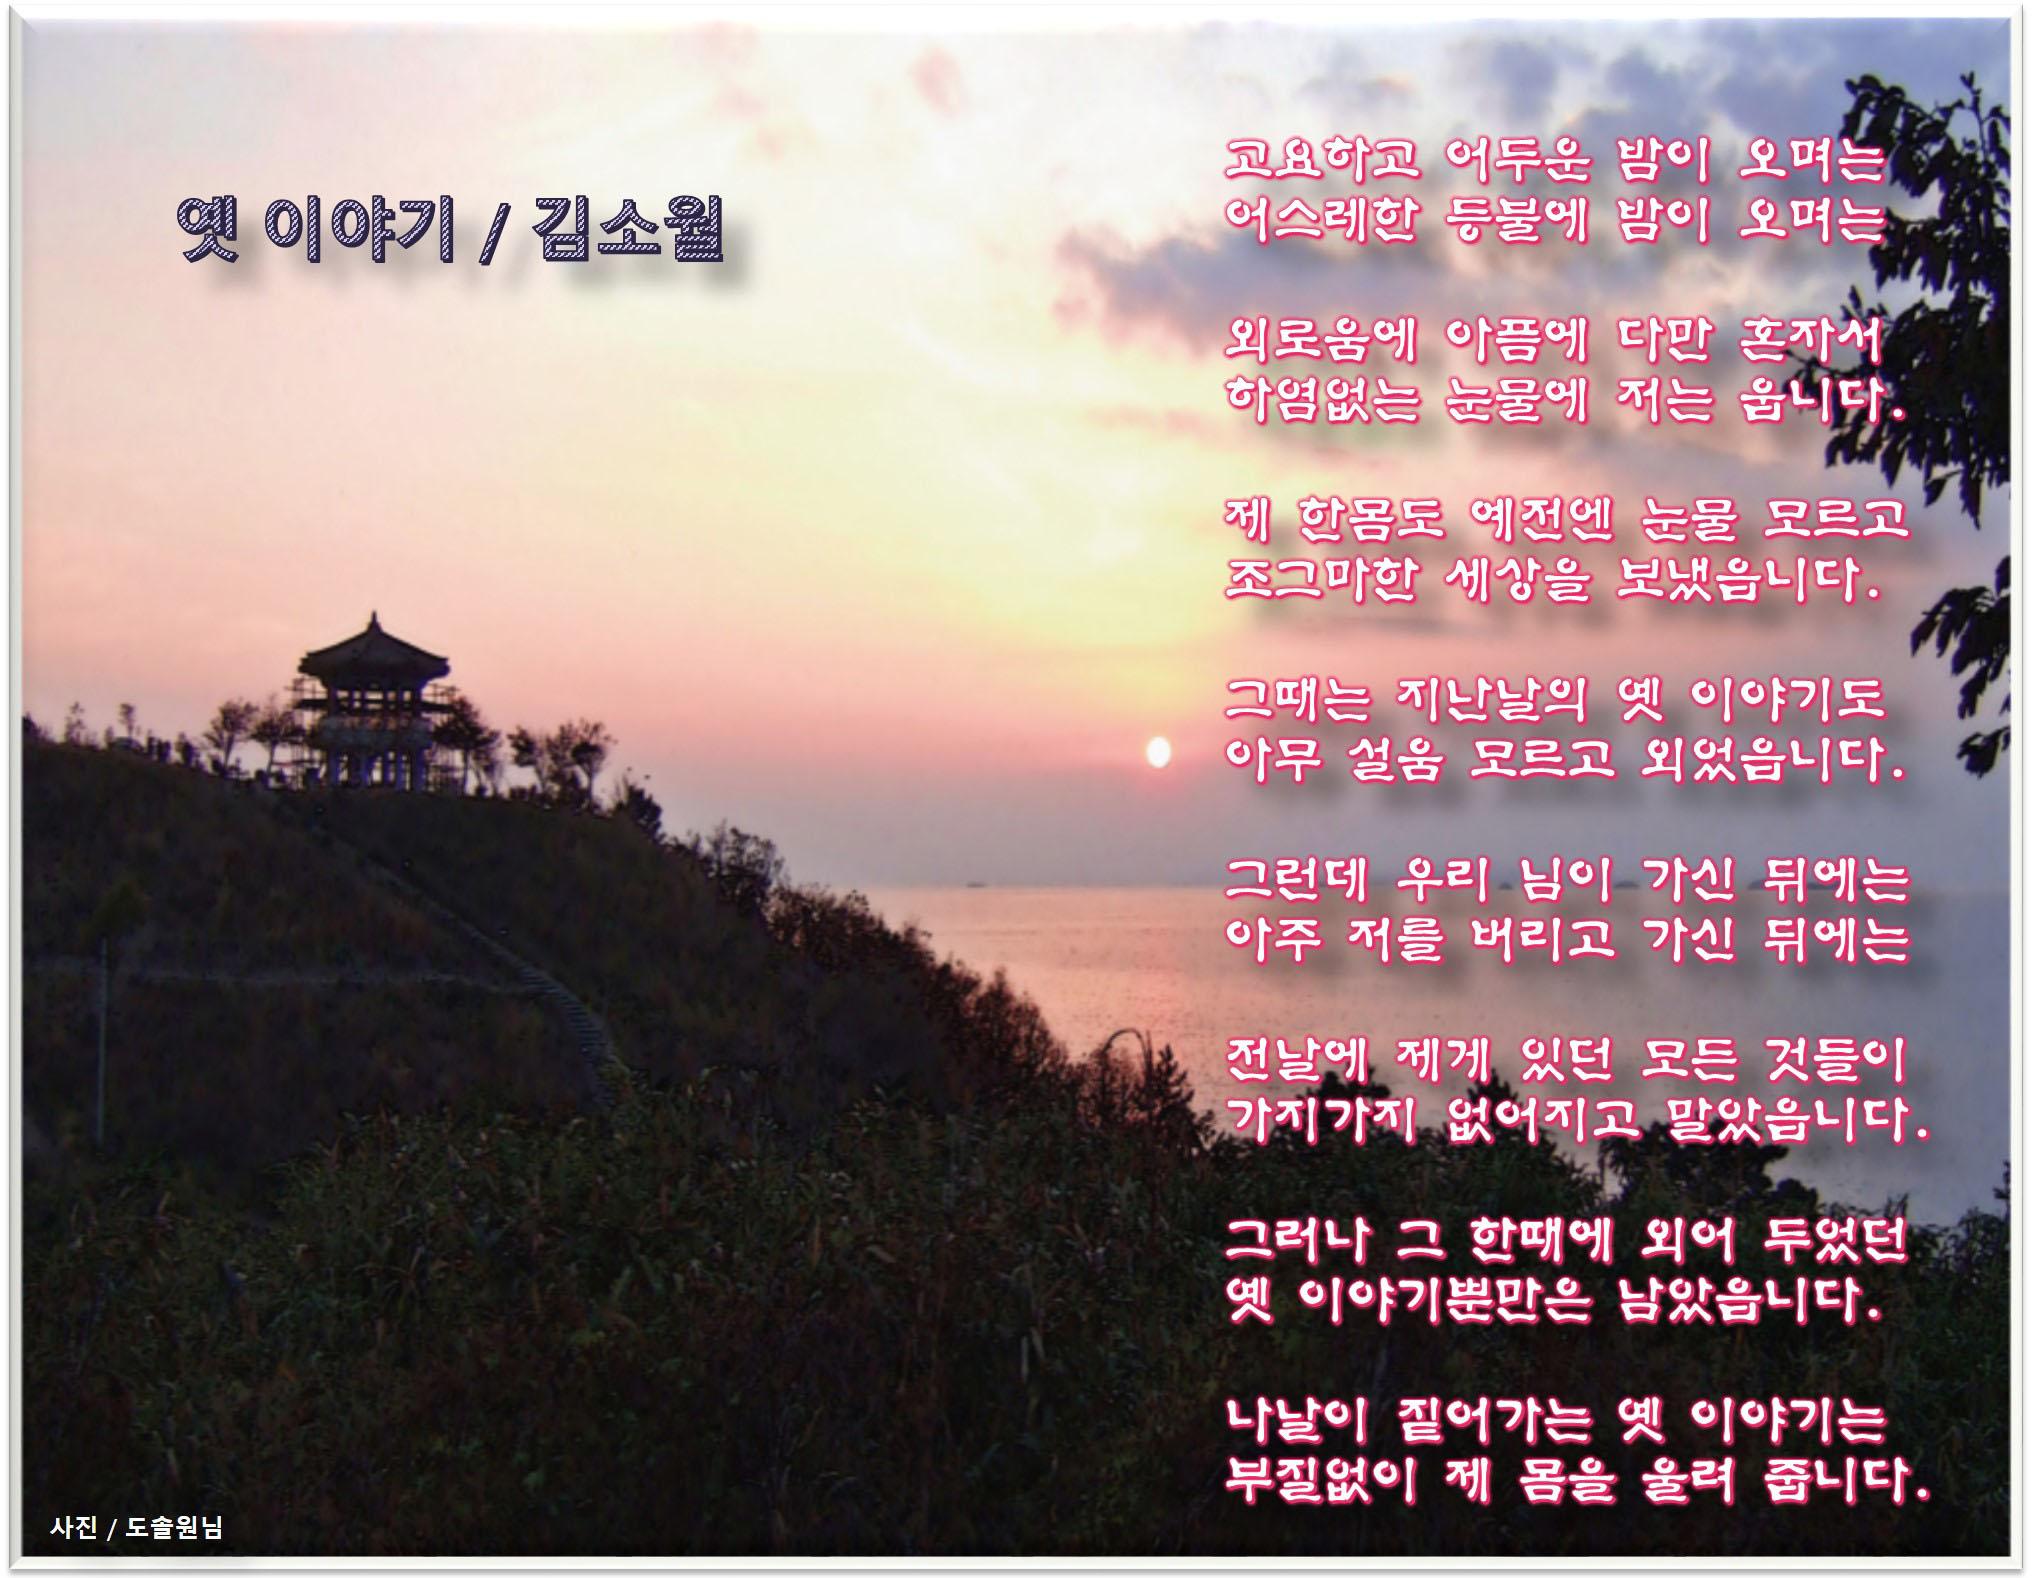 이 글은 파워포인트에서 만든 이미지입니다. 님에게 / 김소월